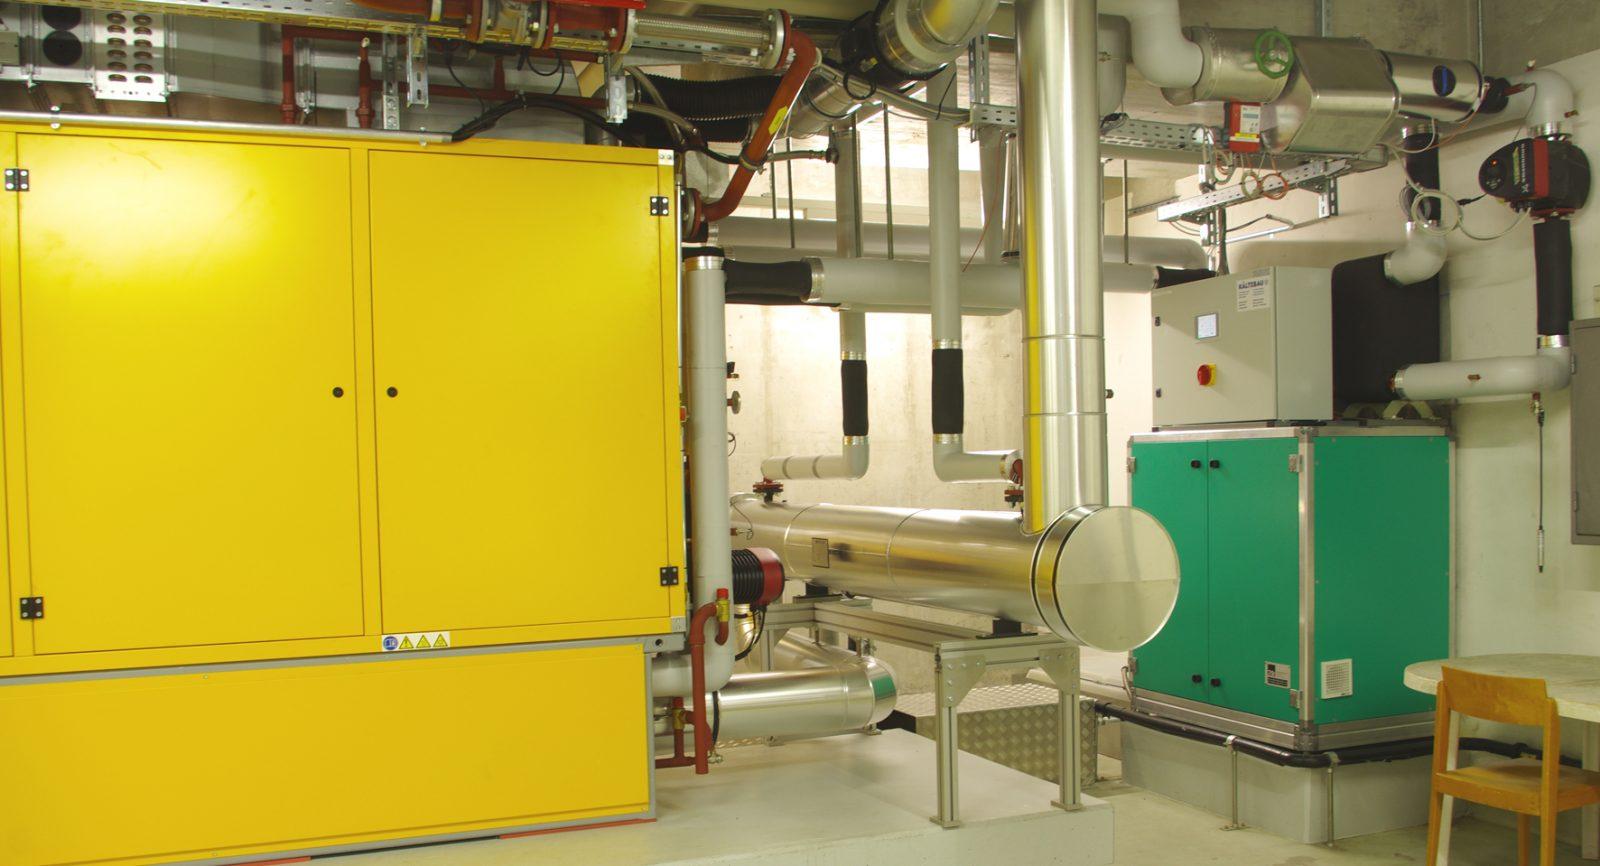 Zusammen mit einem integrierten Abgasrekuperator und der Wärmepumpe (grün) wird ein Gesamtwir-kungsgrad der BHKW-Anlage von über 100 Prozent erreicht.